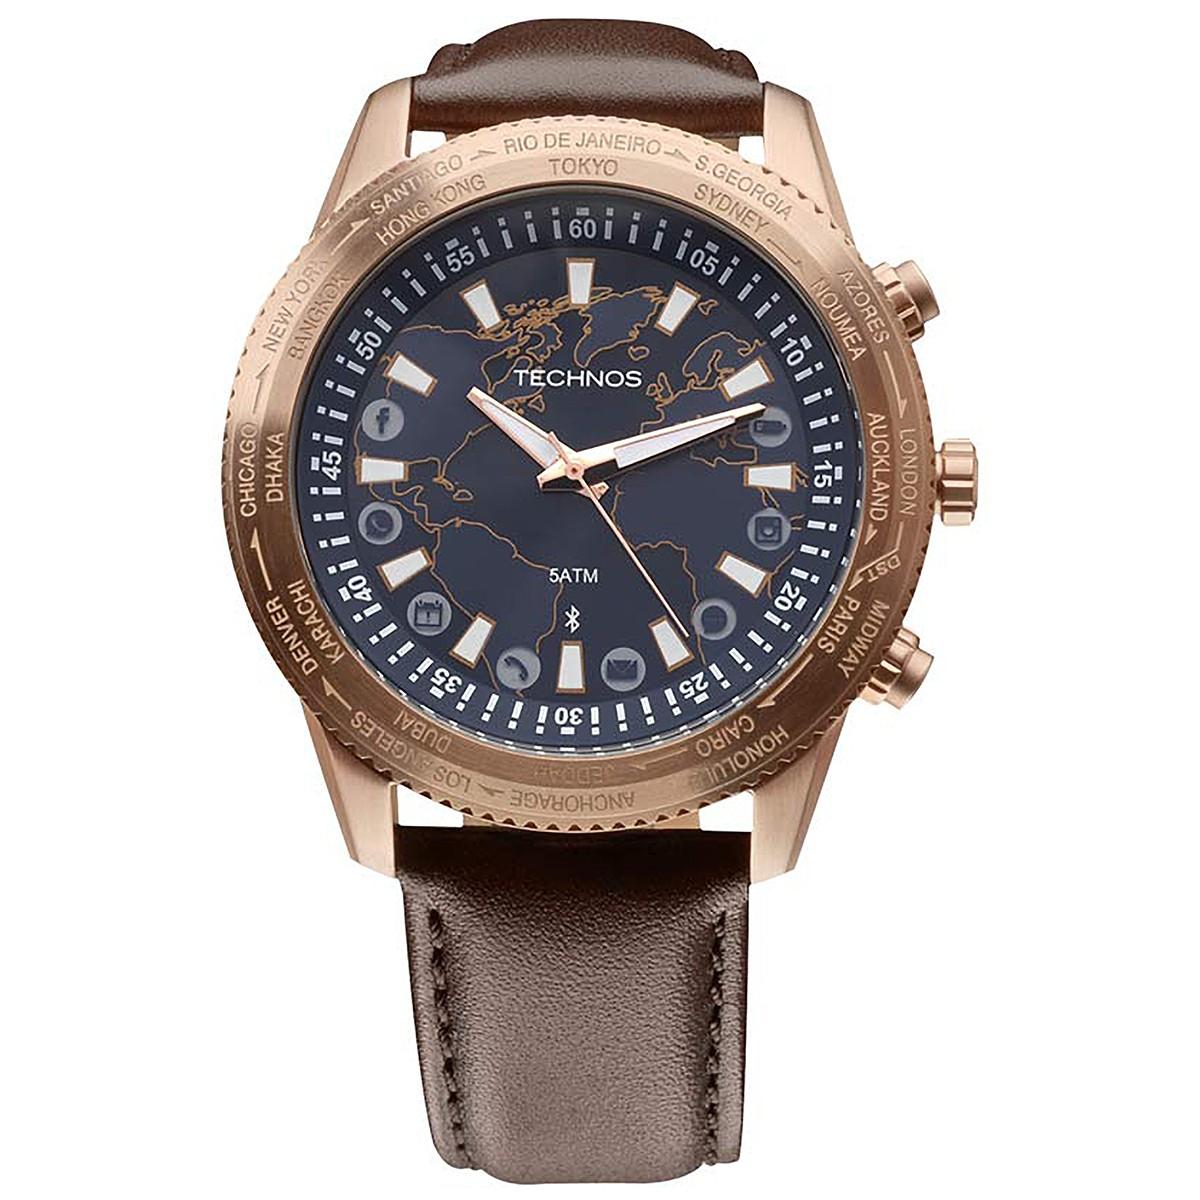 53d9ed6000f Compre Relógio Technos Connect em 10X